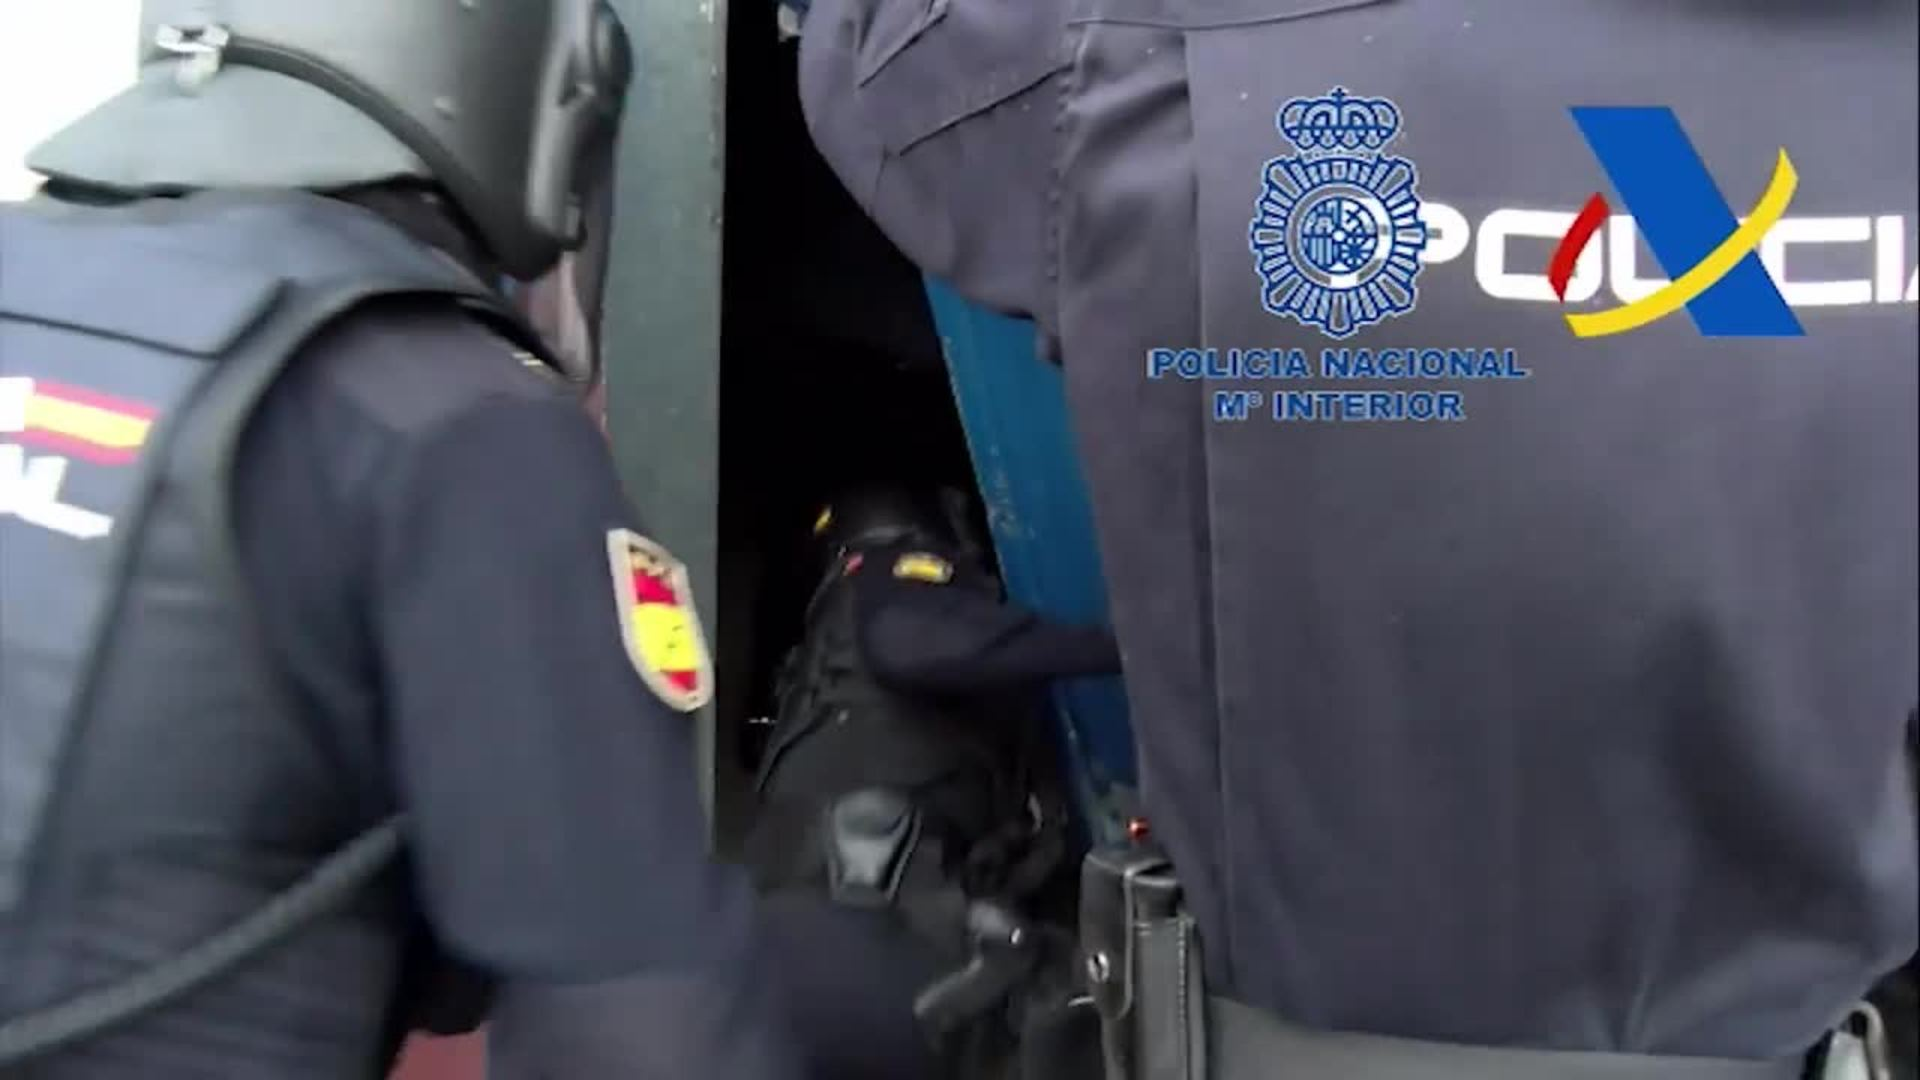 Nueve detenidos en la desarticulación de una banda dedicada a la fabricación ilegal de tabaco en Valladolid